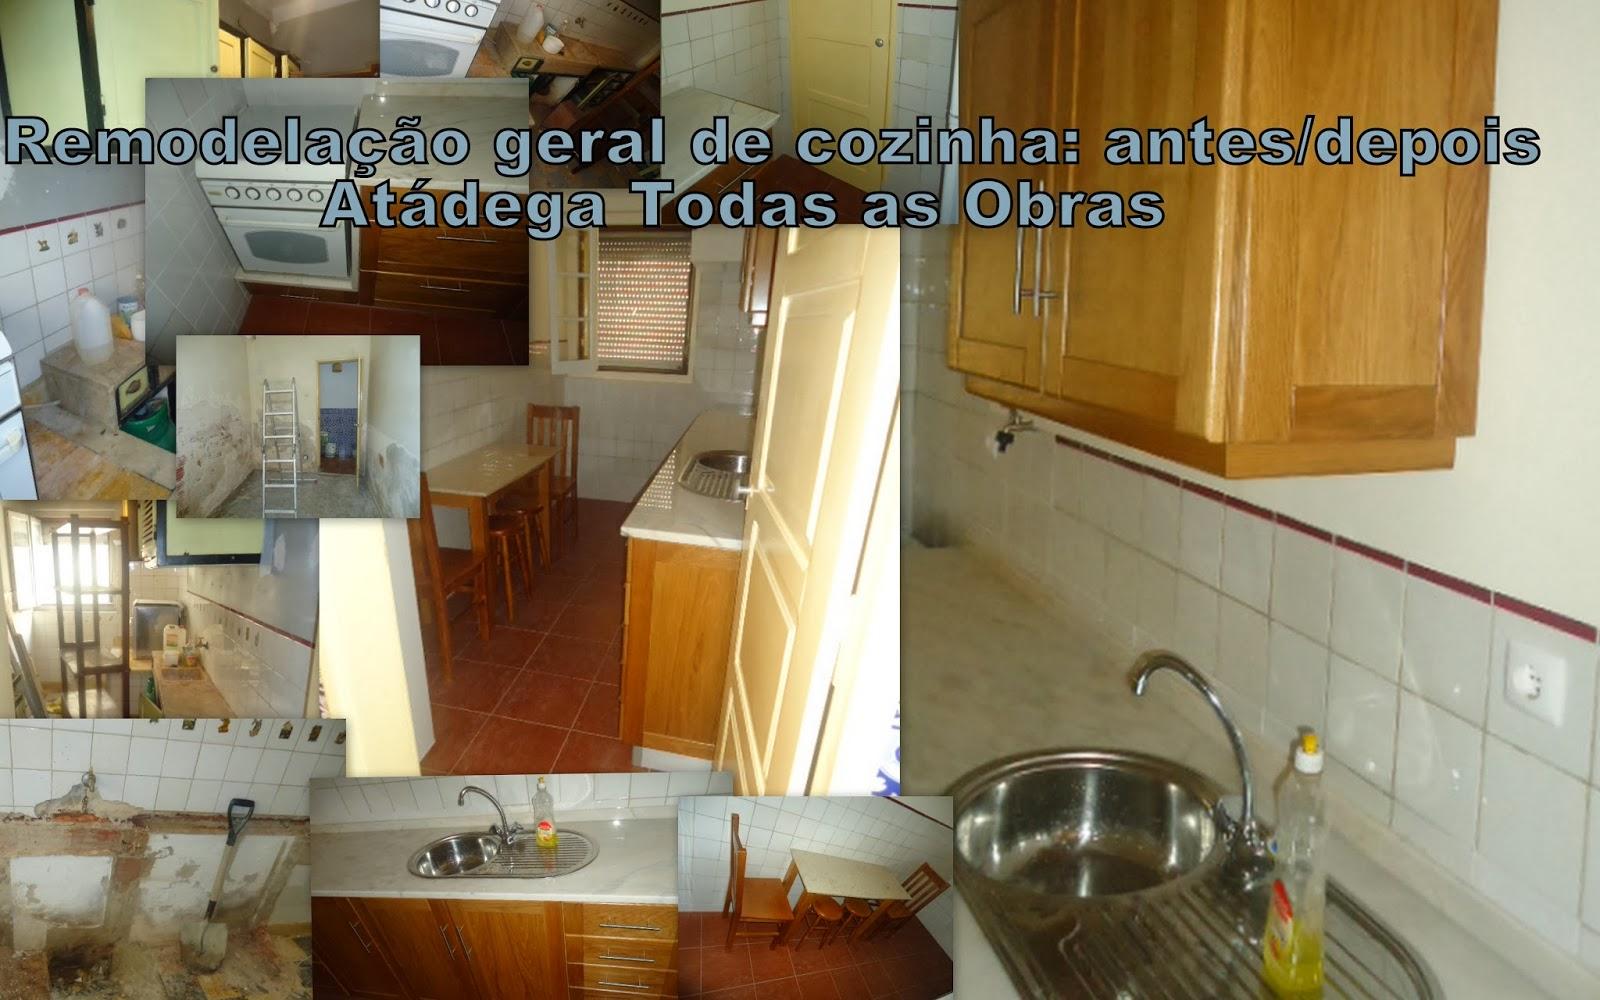 Remodelação e Reabilitação Urbana: Remodelação geral de cozinha  #6C3D14 1600 1000